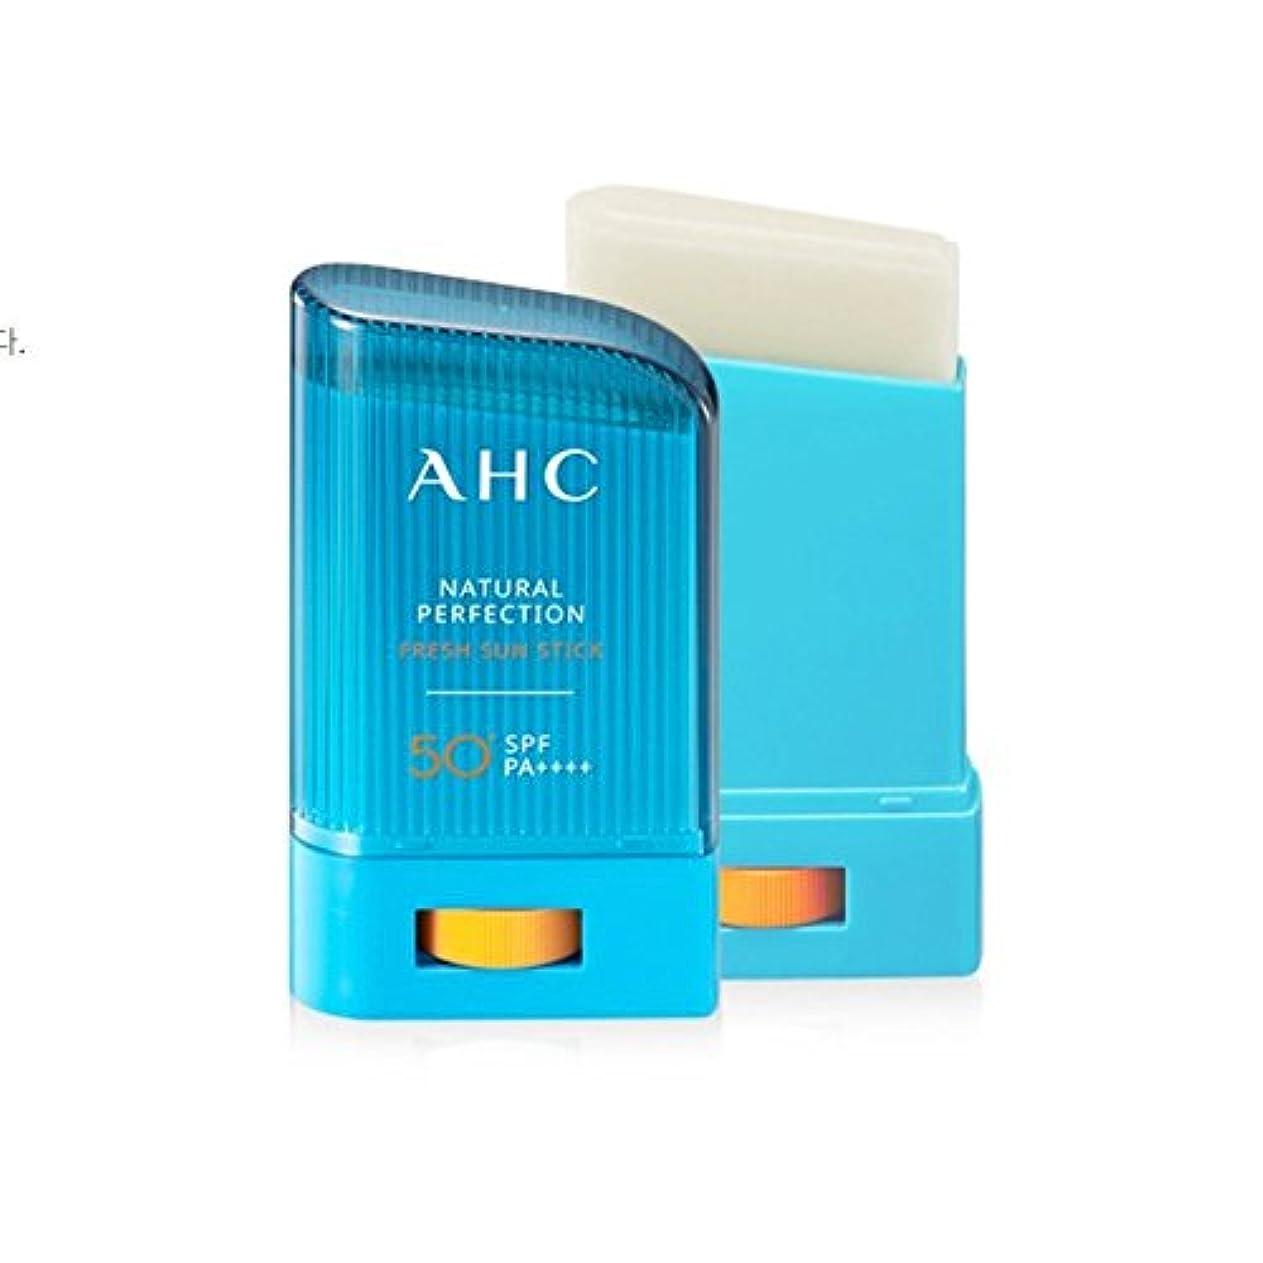 離れた傘救出[1+1] AHC Natural Perfection Fresh Sun Stick ナチュラルパーフェクションフレッシュサンスティック 22g * 2個 [並行輸入品]